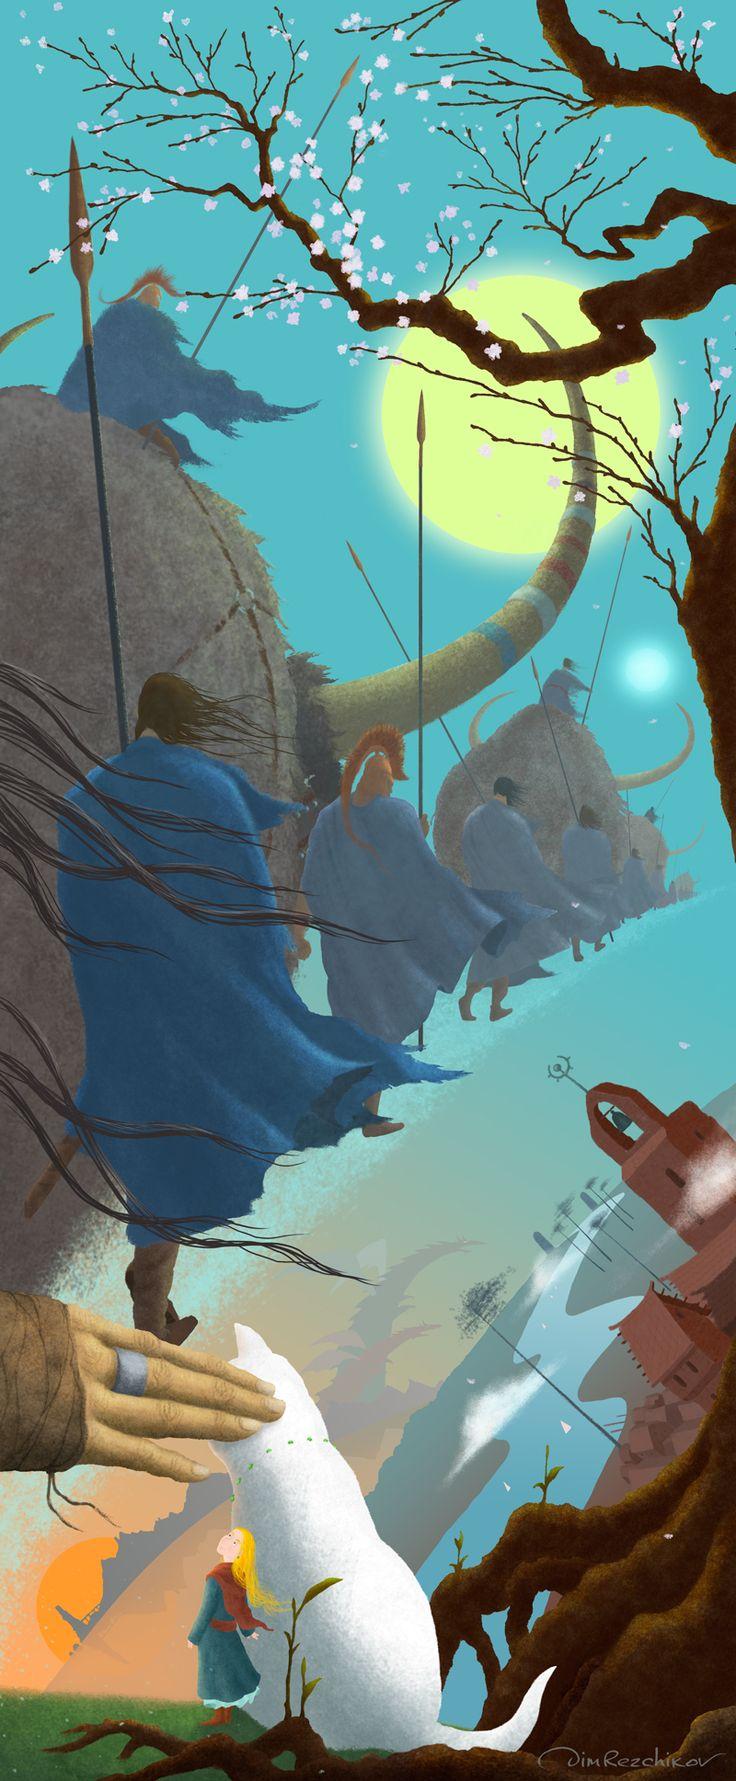 Worlds' crossing  Перекресток миров  art • russian • illustration • calendar • drawing • artist • illustrator • fantasy